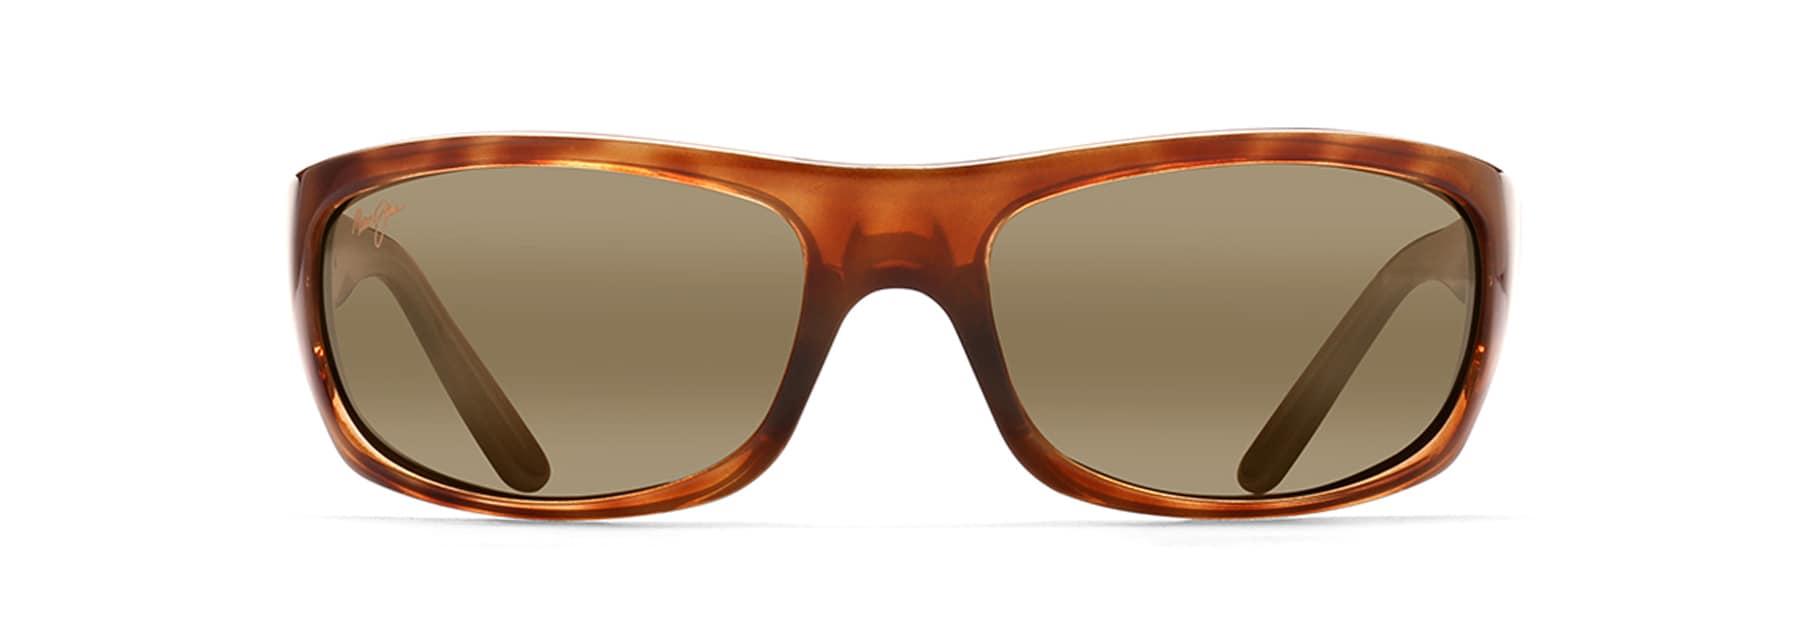 ad63a9f69928 Surf Rider Polarized Sunglasses | Maui Jim®